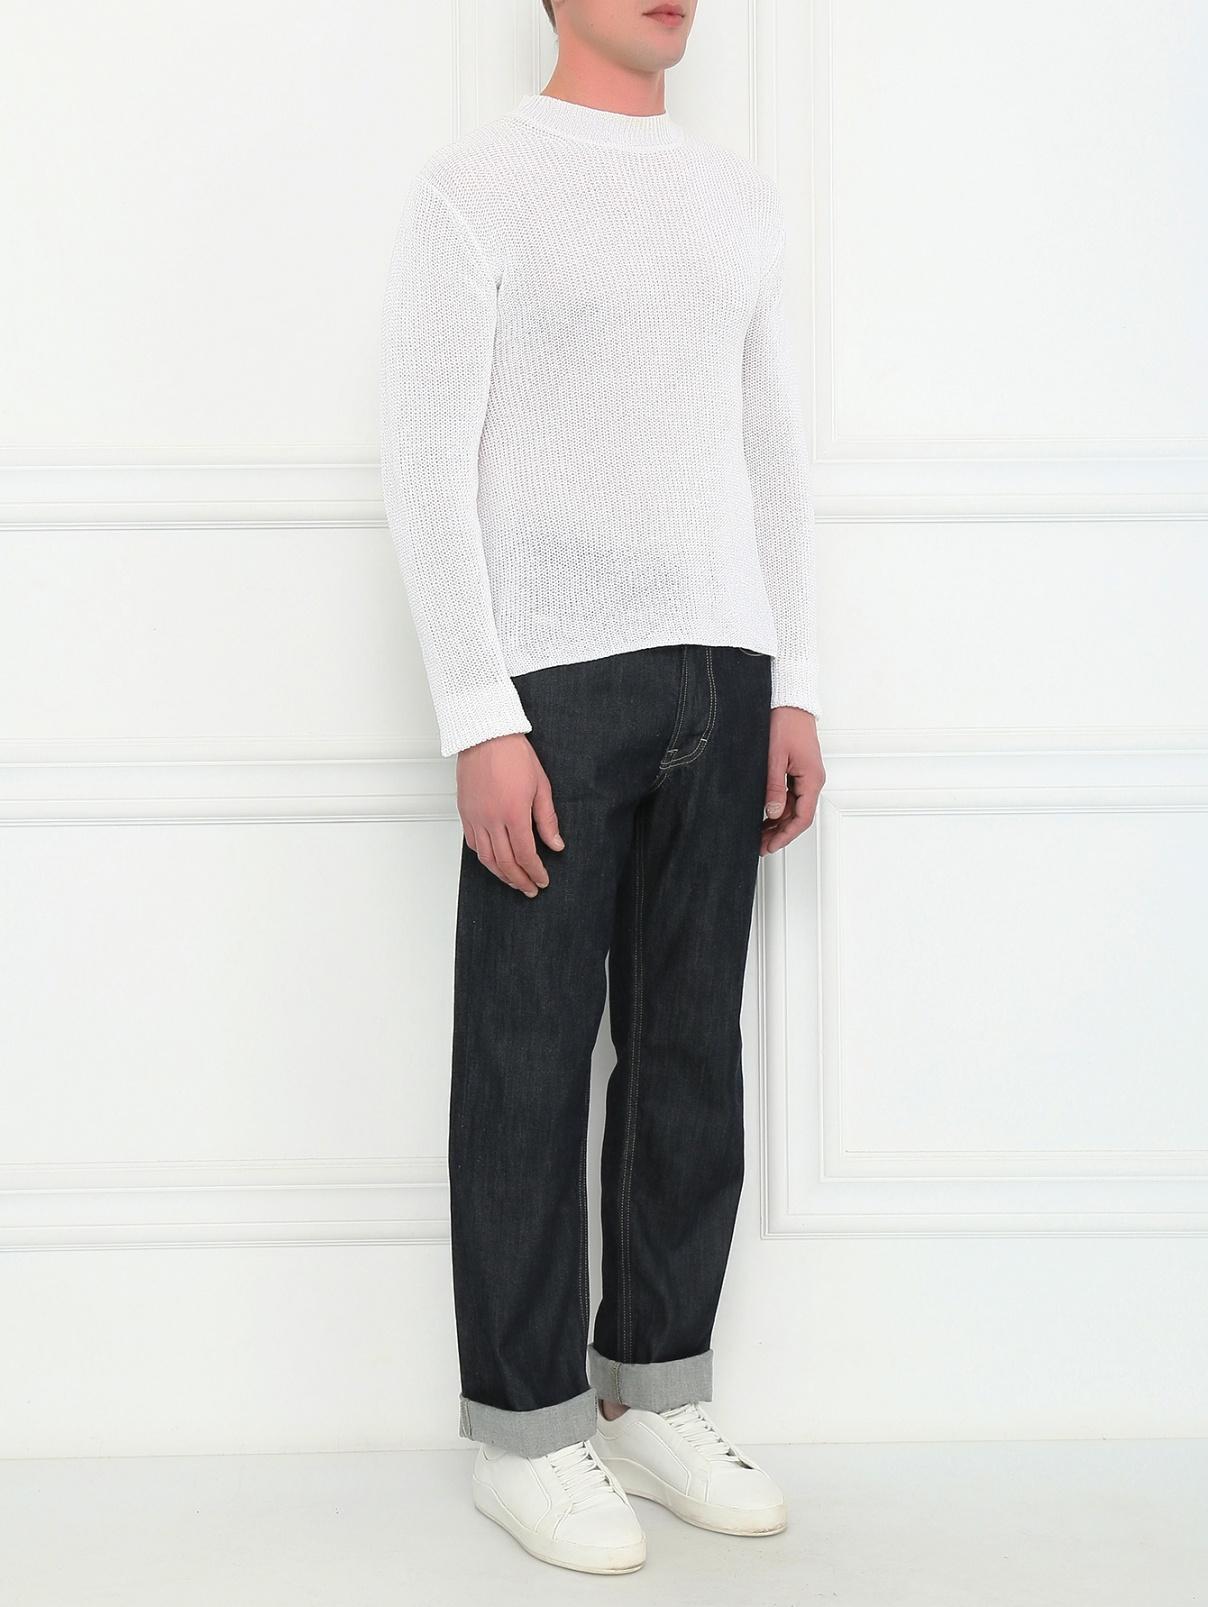 Джемпер из хлопка свободного кроя Brooks Brothers  –  Модель Общий вид  – Цвет:  Белый